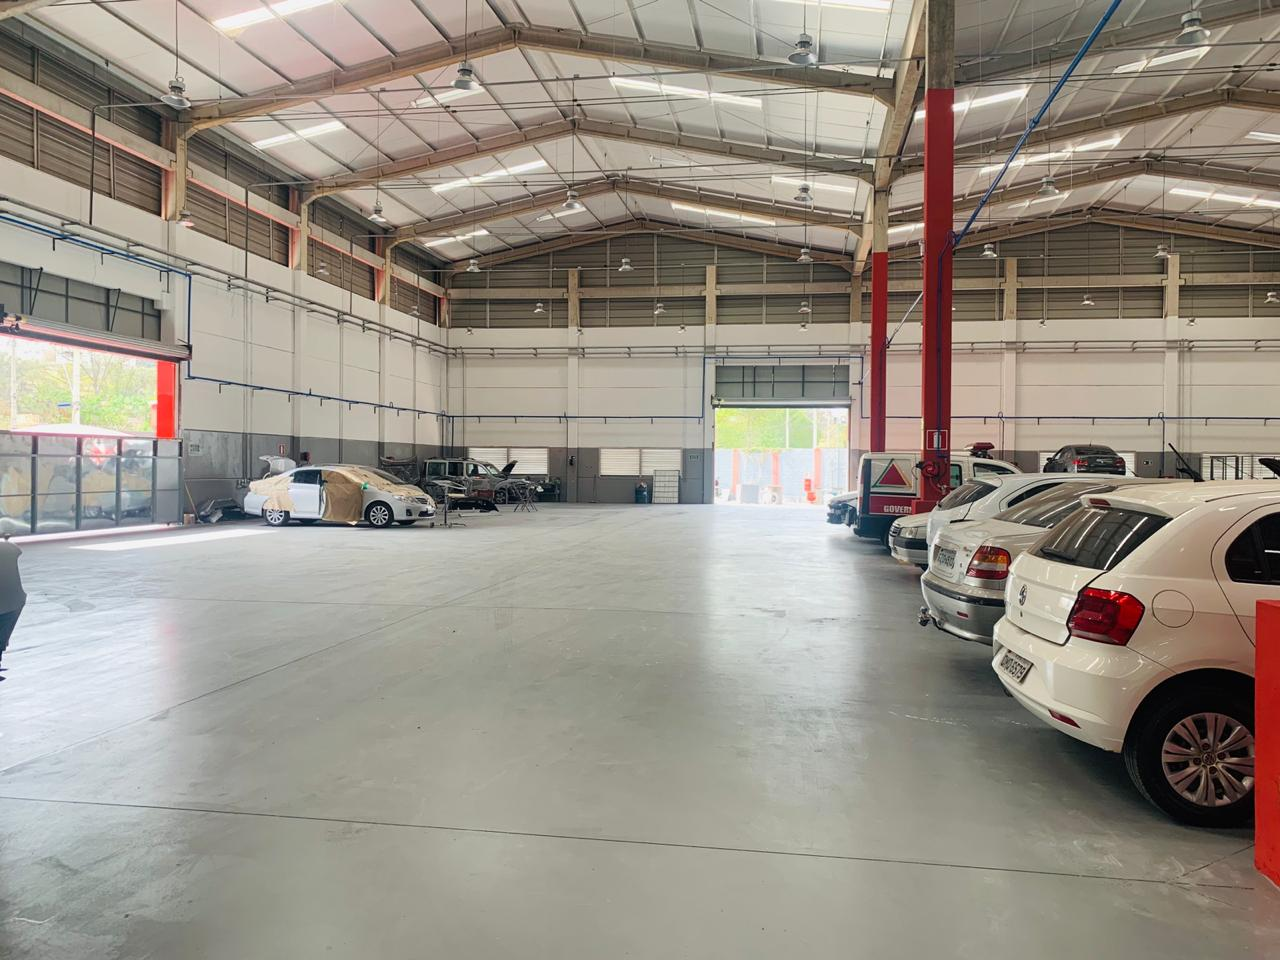 A Mastercar oferece serviços completos de mecânica, pintura e lanternagem (Foto: Neila Prado)